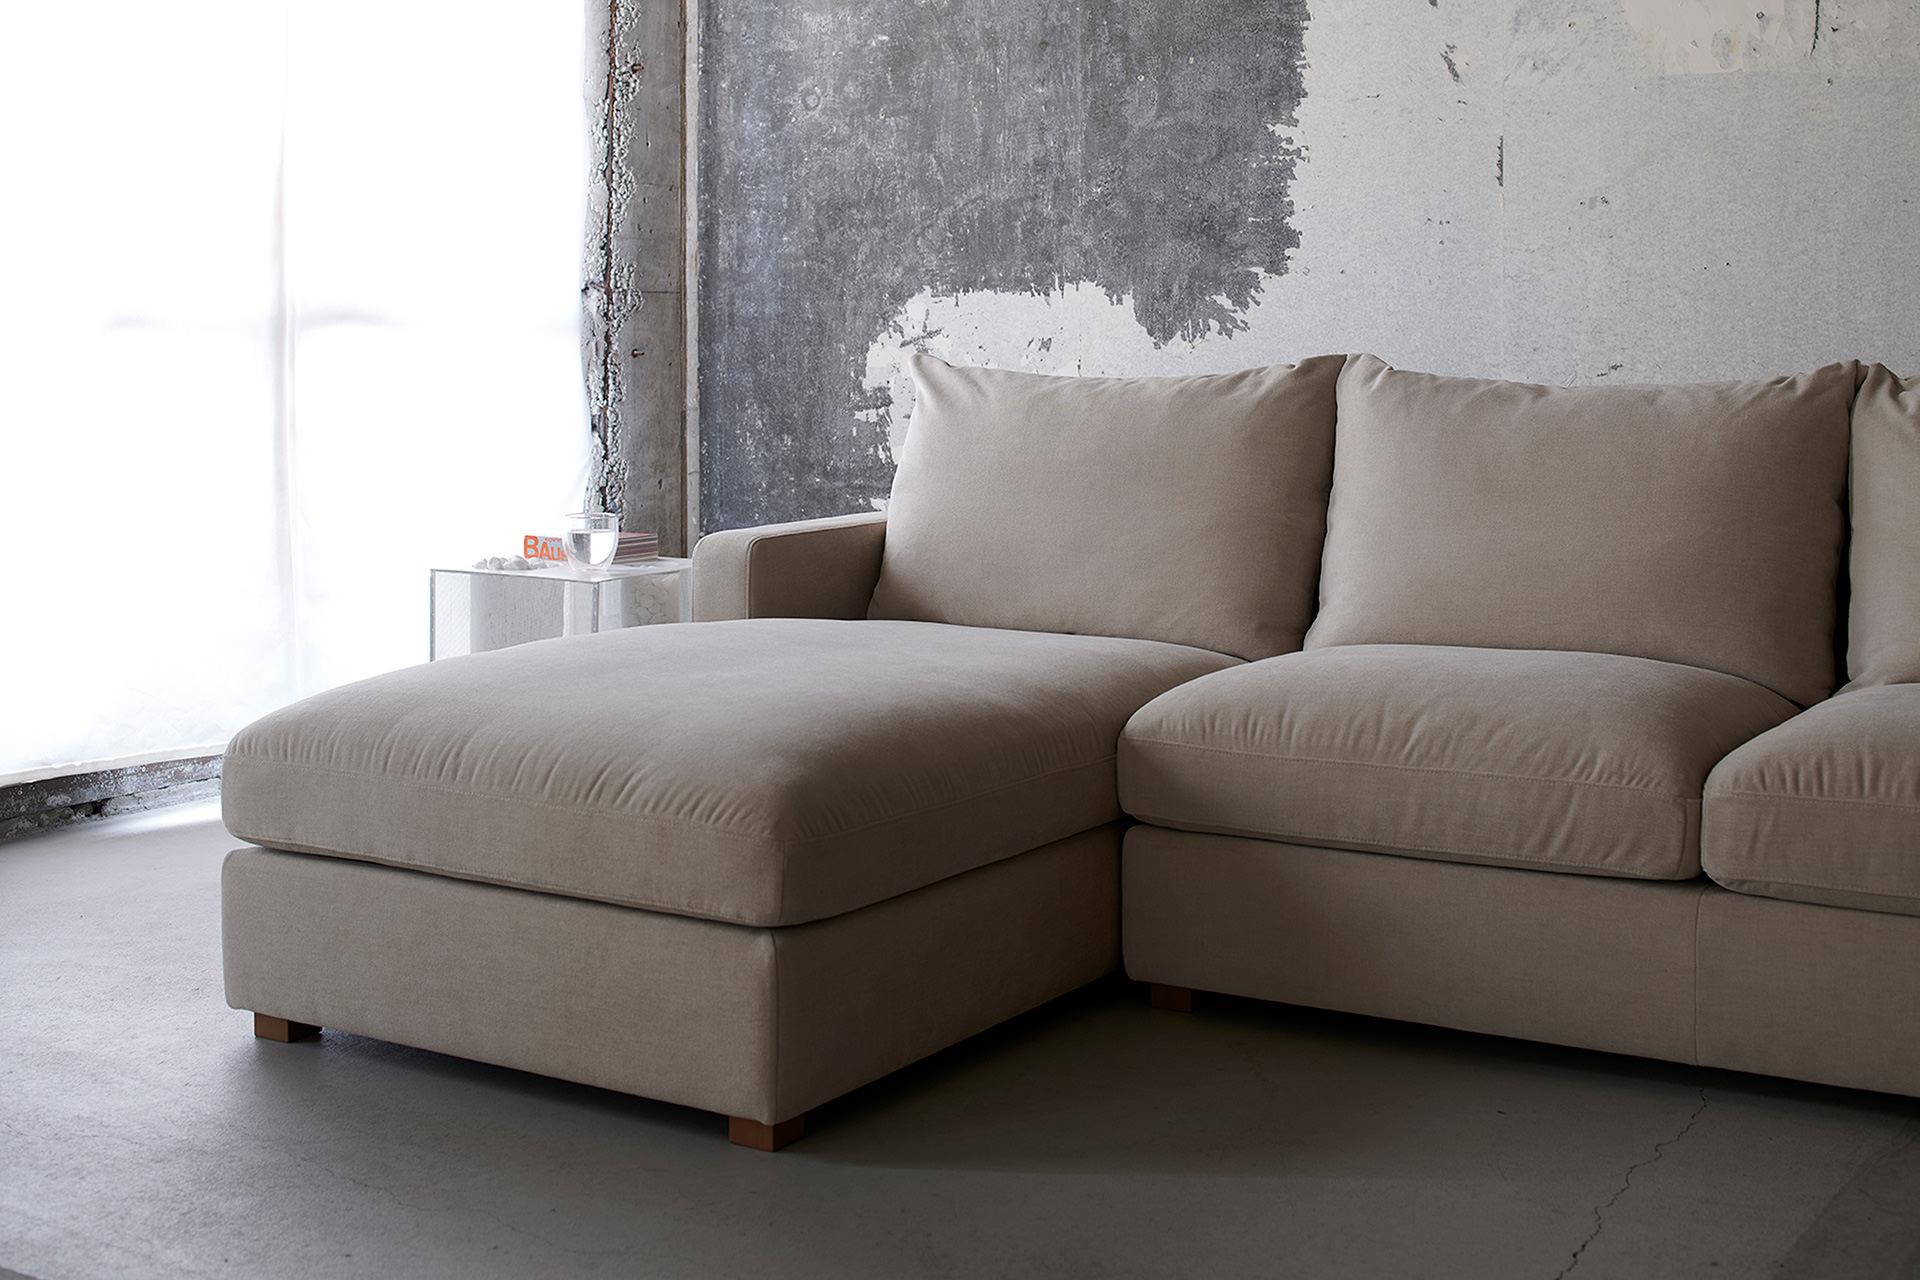 BG sofa